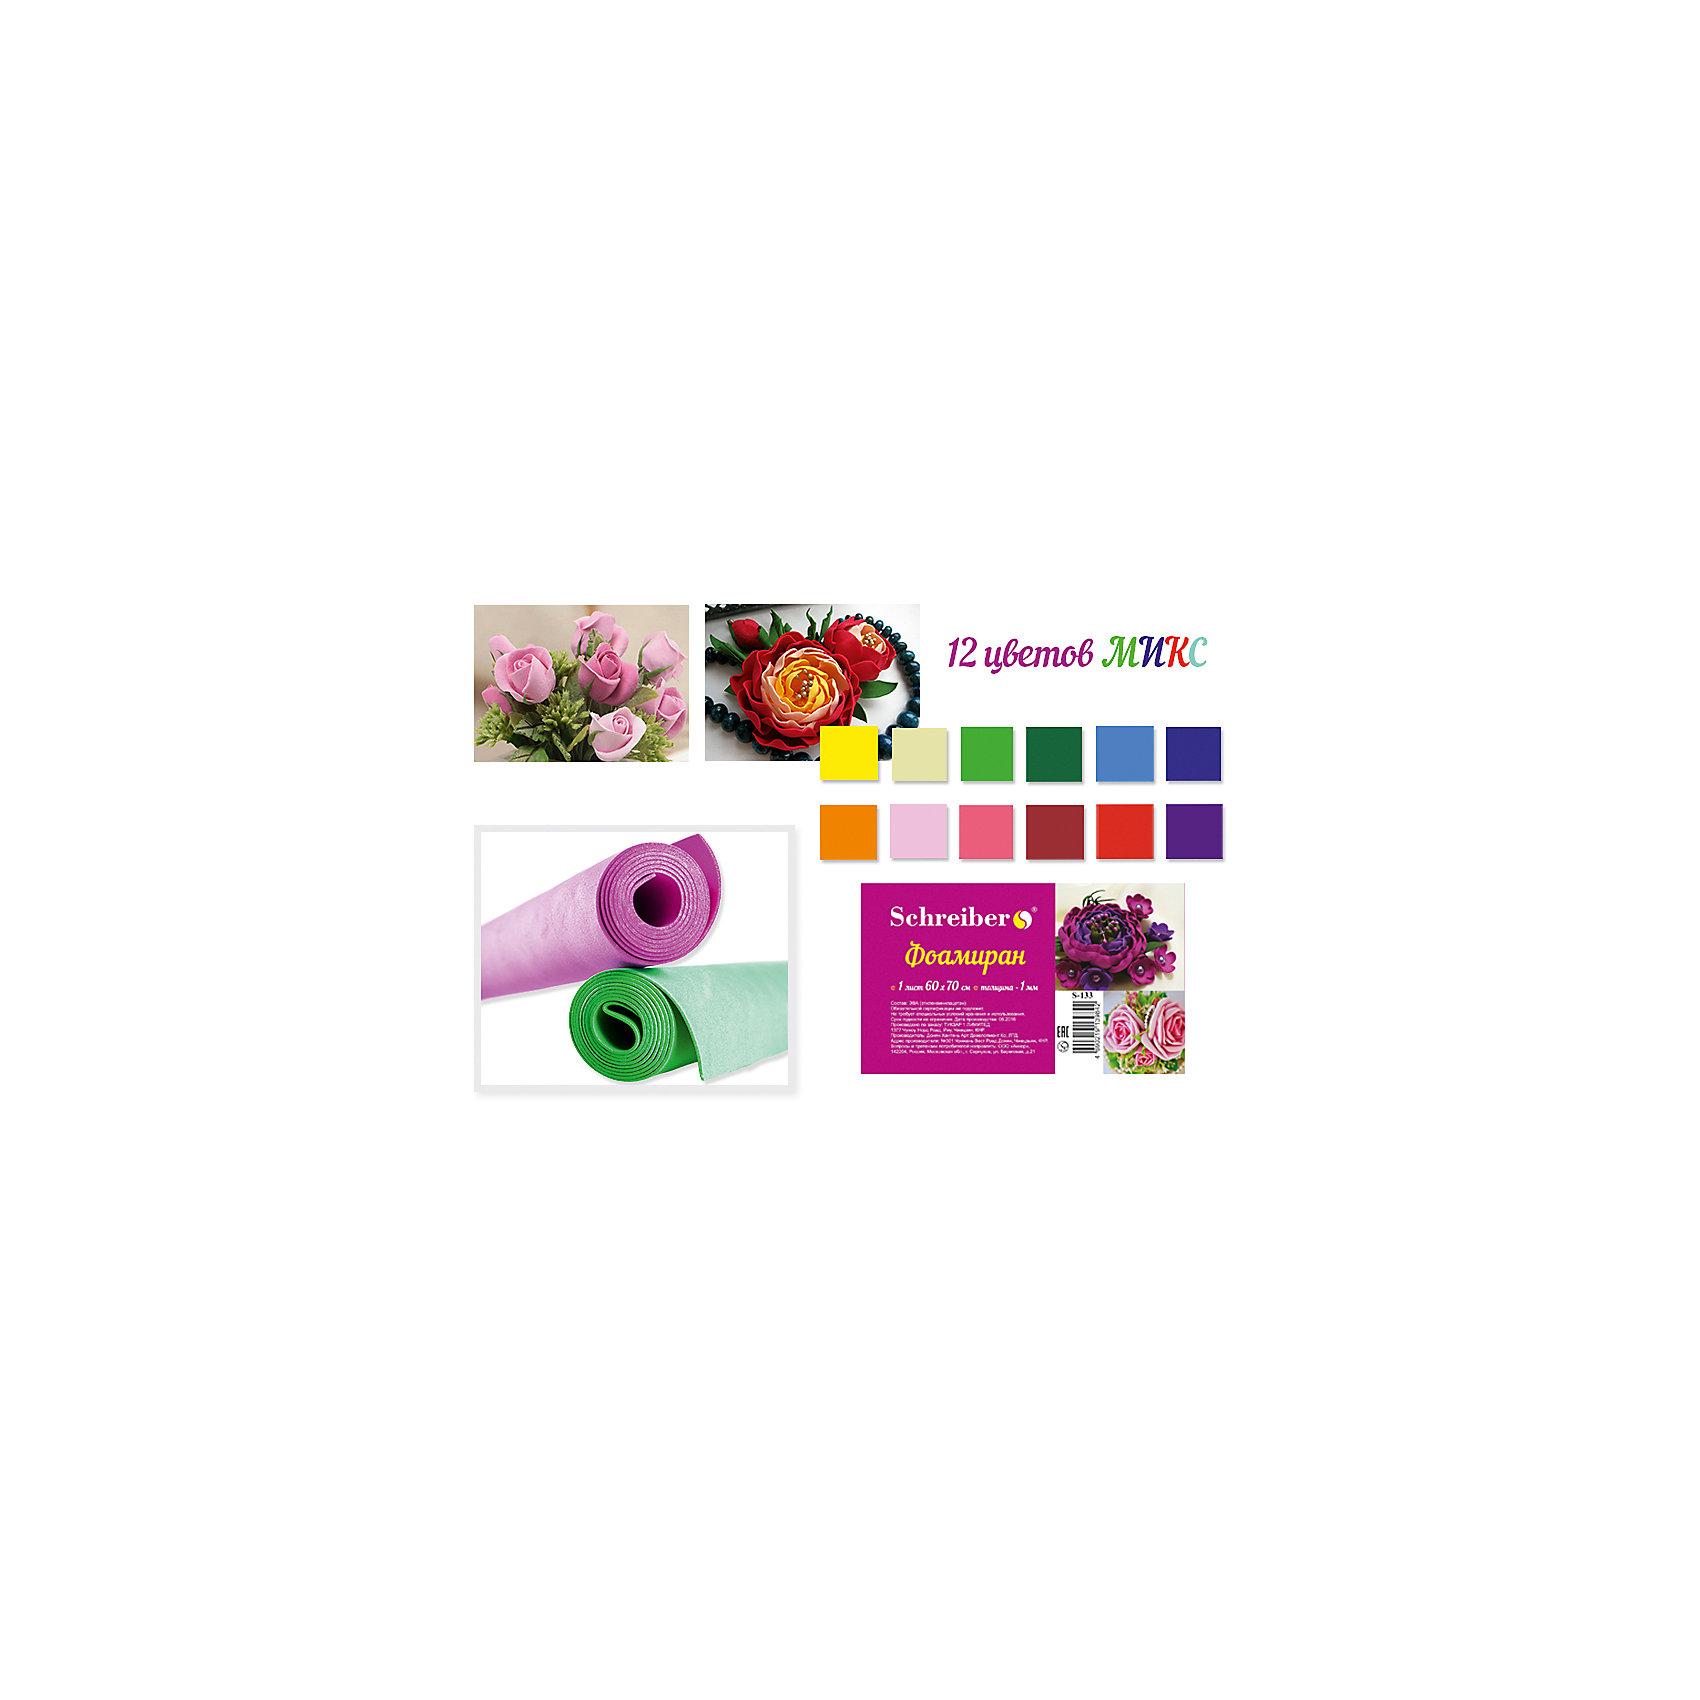 Фоамиран в рулонах, 60х70см.,1мм., 12 цветов миксПринадлежности для творчества<br>Фоамиран в рулонах, 60х70см.,1мм., 12 цветов микс.<br><br>Характеристики:<br><br>• Возраст: от 6 лет<br>• Размер: 60х70 см.<br>• Толщина: 1 мм.<br>• Количество: 12 разноцветных рулонов<br>• Цвета: желтый, бежевый, зеленый, темно-зеленый, голубой, синий, оранжевый, светло-розовый, розовый, бордовый, красный, фиолетовый<br><br>Фоамиран (пластичная замша) - популярный материал для творчества. Из него можно создавать декоративные цветы, украшения для волос, броши, небольшие забавные игрушки, декоративные элементы для фоторамок или блокнотов и многое другое. Работать с фоамираном просто и удобно, он режется ножницами, тянется, становится пластичным и меняет свою форму даже от тепла человеческих рук. Фоамиран очень легко моделируется и принимает нужную форму. Он тонируется акриловыми и масляными красками, сухой пастелью и даже тенями для глаз. Для создания цветов или аппликаций потребуется термоклей или секундный клей. Материал нетоксичен.<br><br>Фоамиран в рулонах, 60х70см.,1мм., 12 цветов микс можно купить в нашем интернет-магазине.<br><br>Ширина мм: 600<br>Глубина мм: 30<br>Высота мм: 30<br>Вес г: 50<br>Возраст от месяцев: 72<br>Возраст до месяцев: 2147483647<br>Пол: Унисекс<br>Возраст: Детский<br>SKU: 5504486